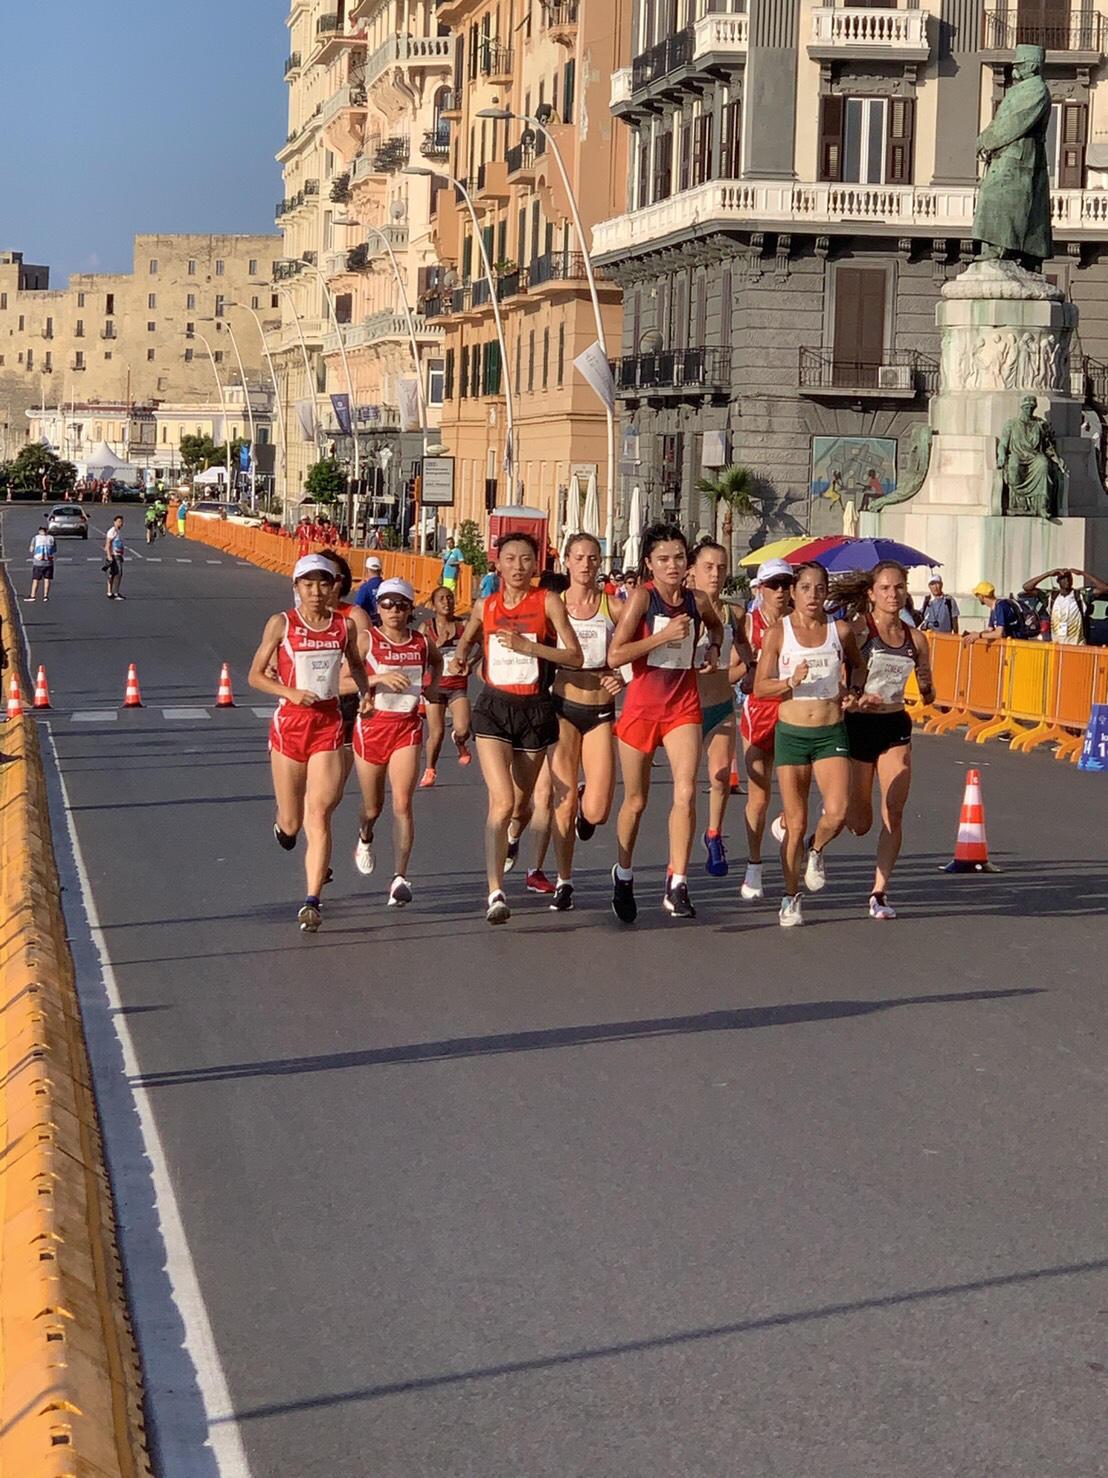 ナポリを快走する加世田選手